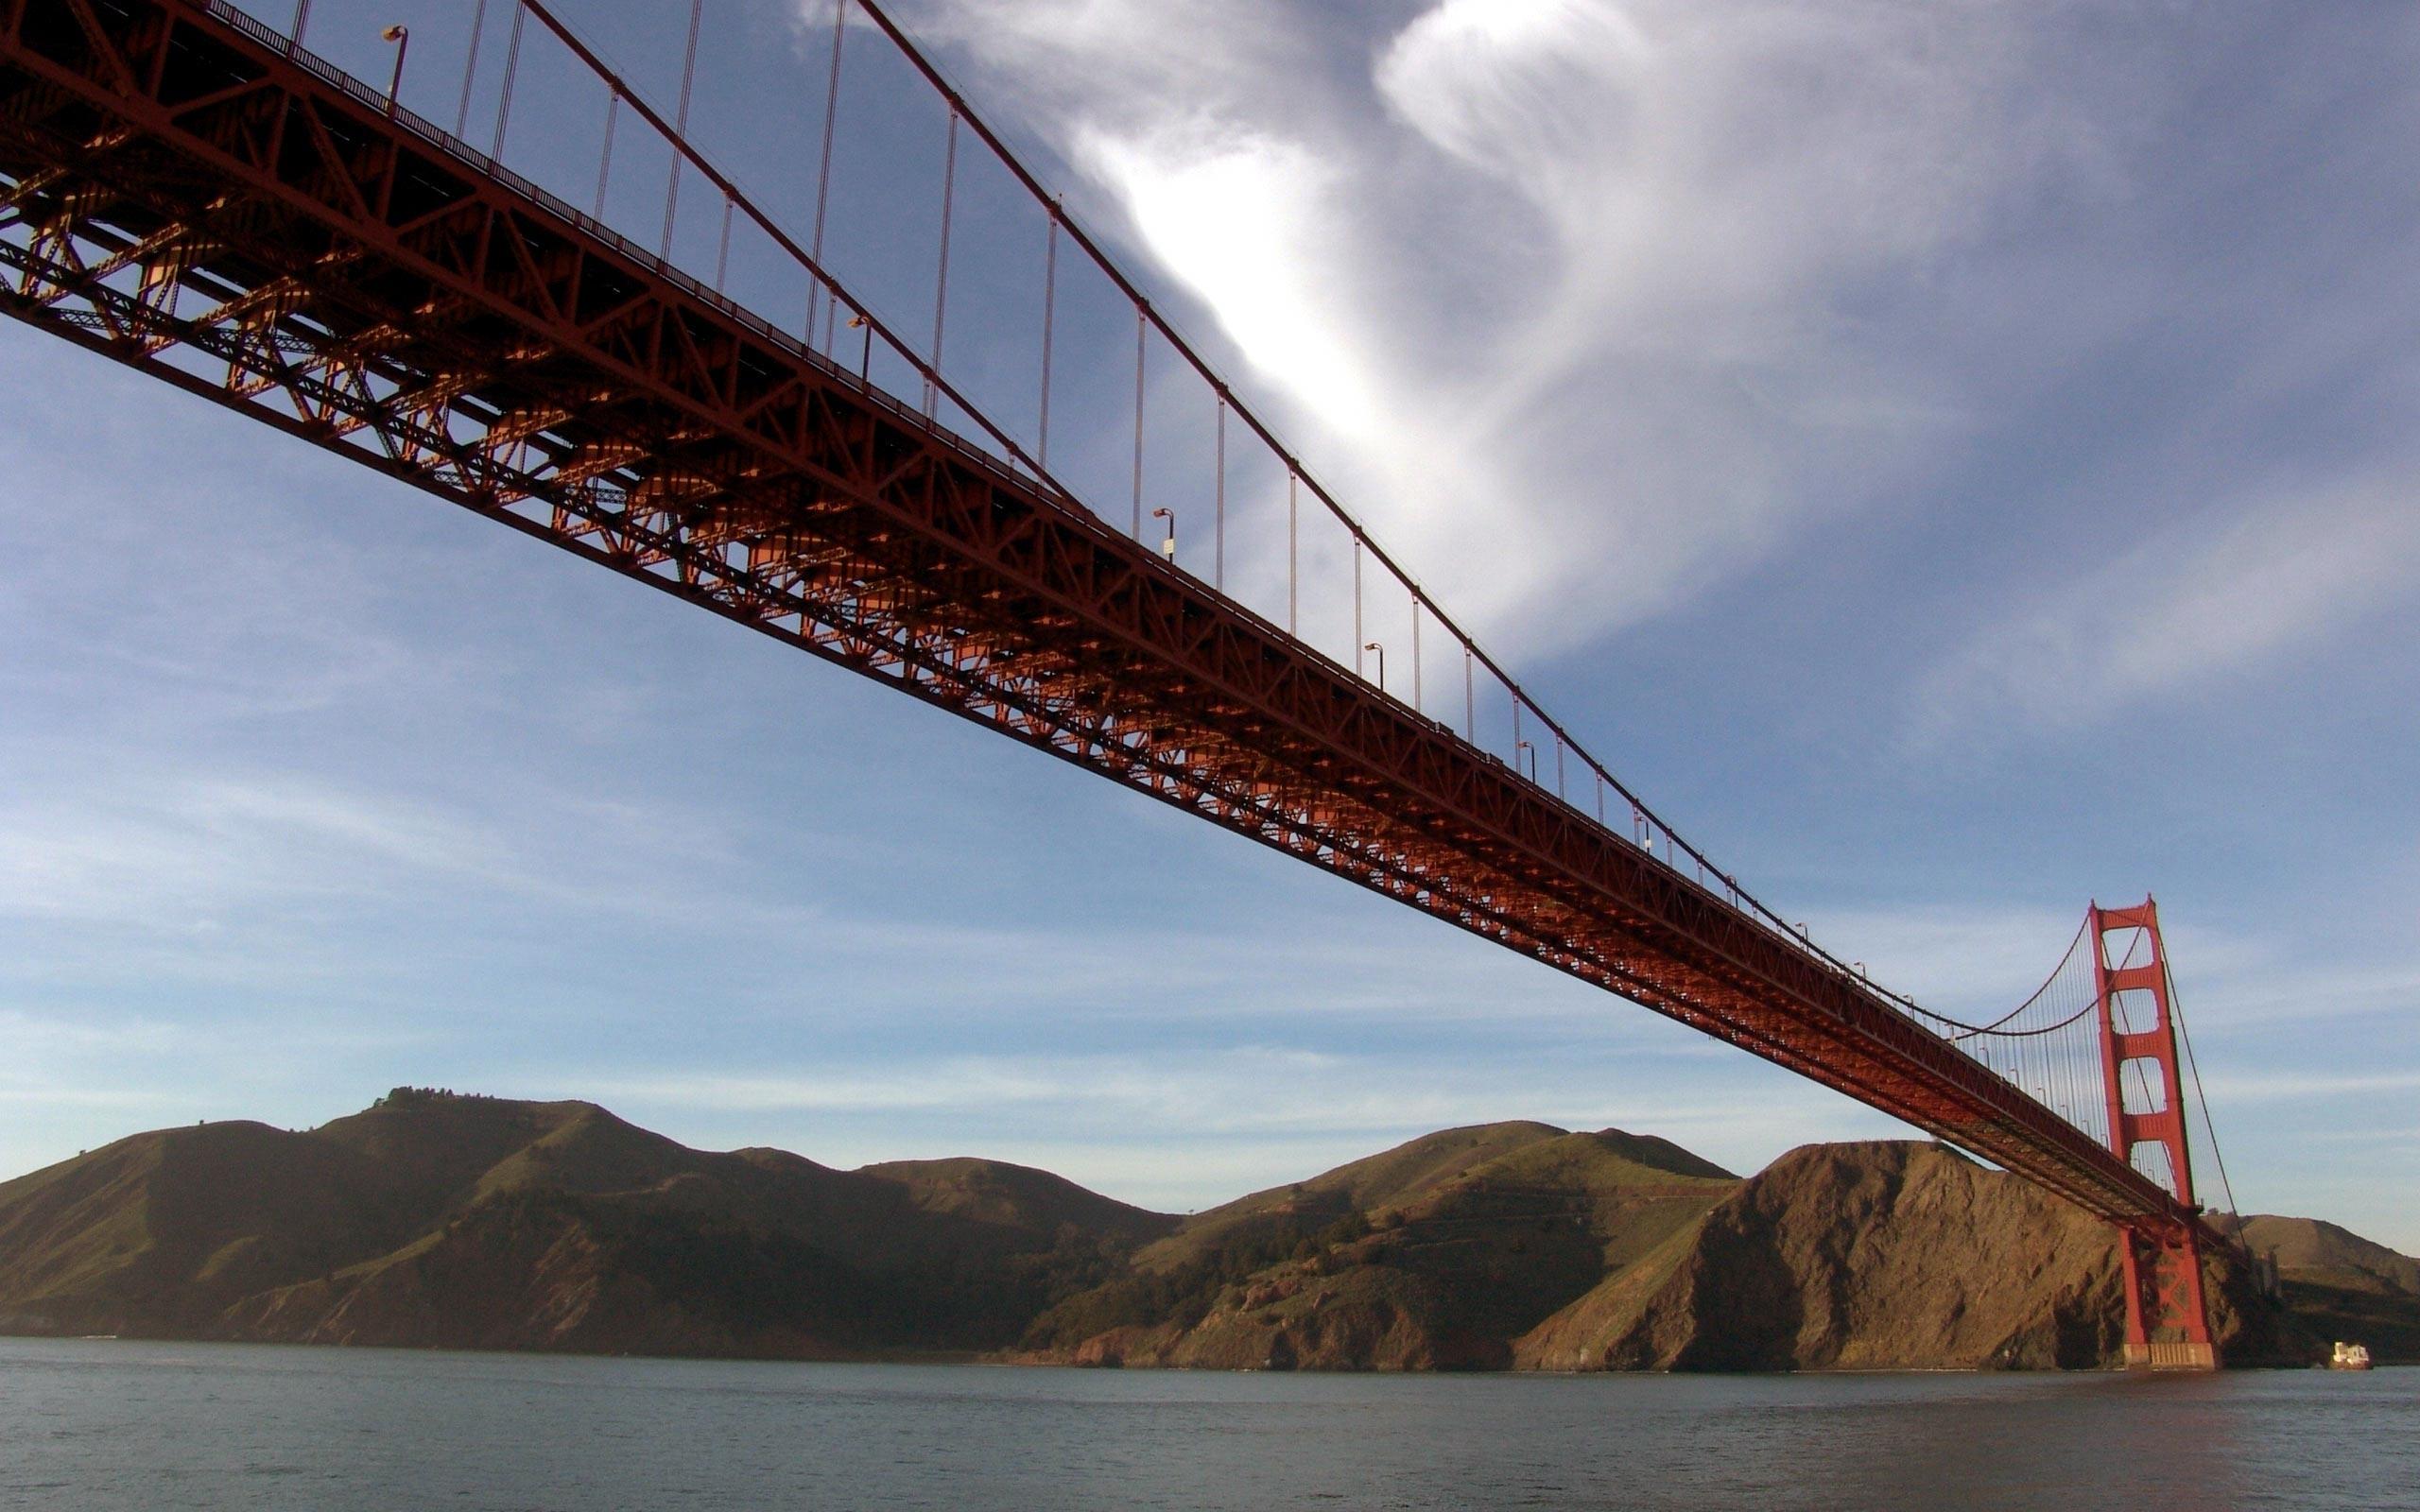 7517 скачать обои Пейзаж, Мосты, Архитектура - заставки и картинки бесплатно